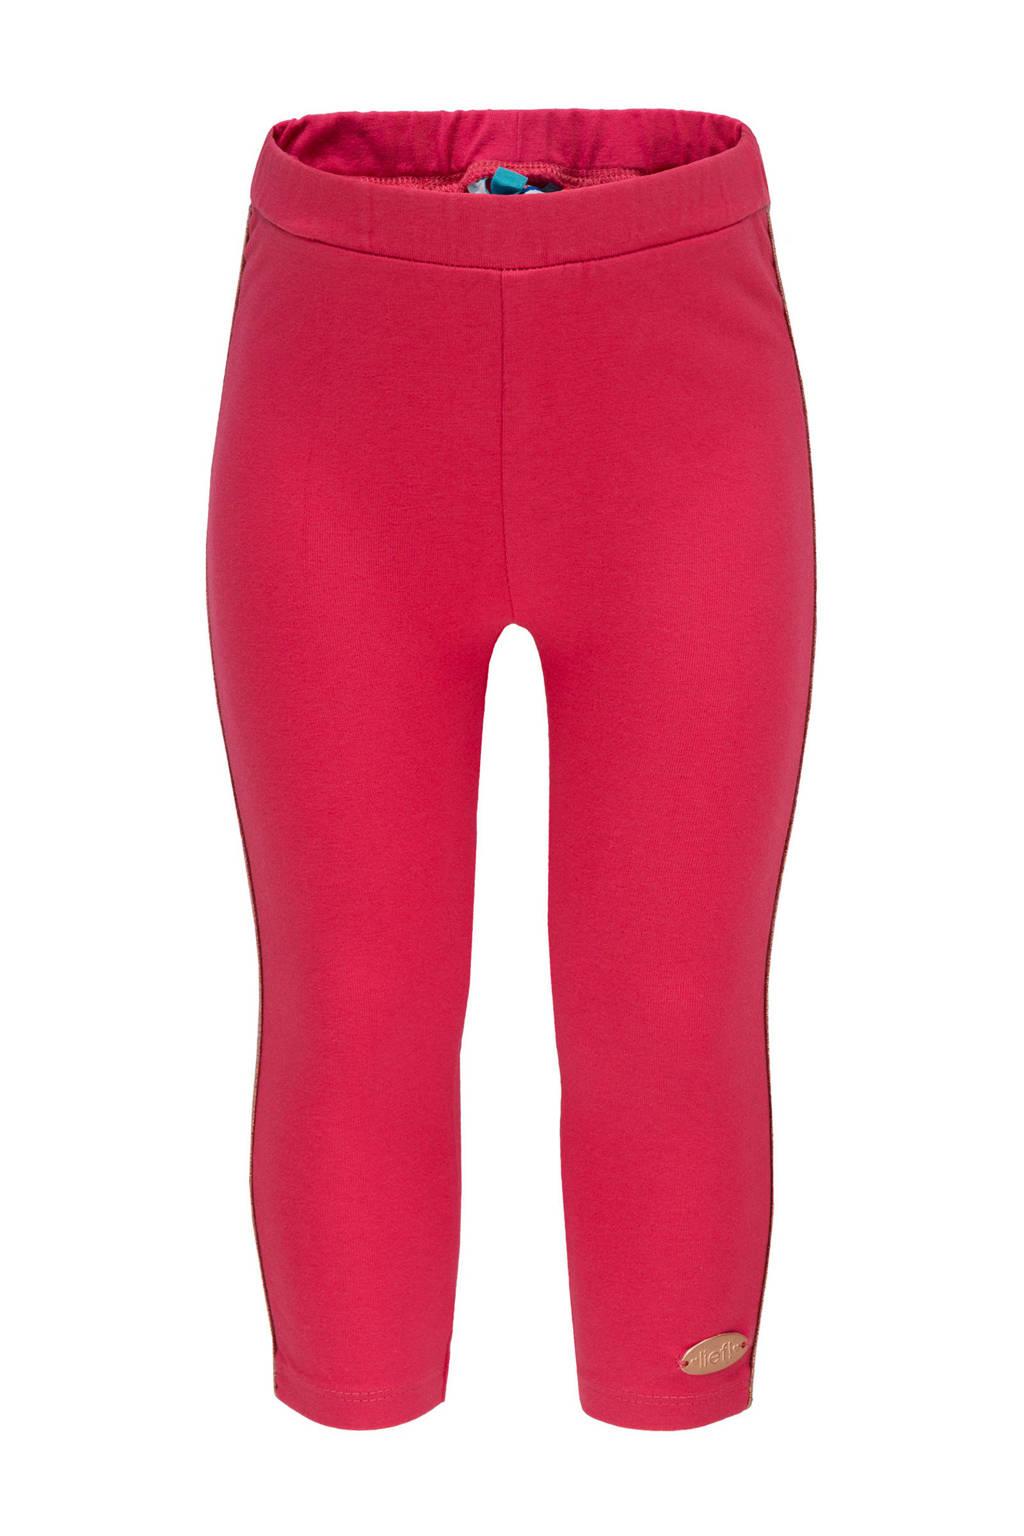 lief! legging met zijstreep roze, Roze